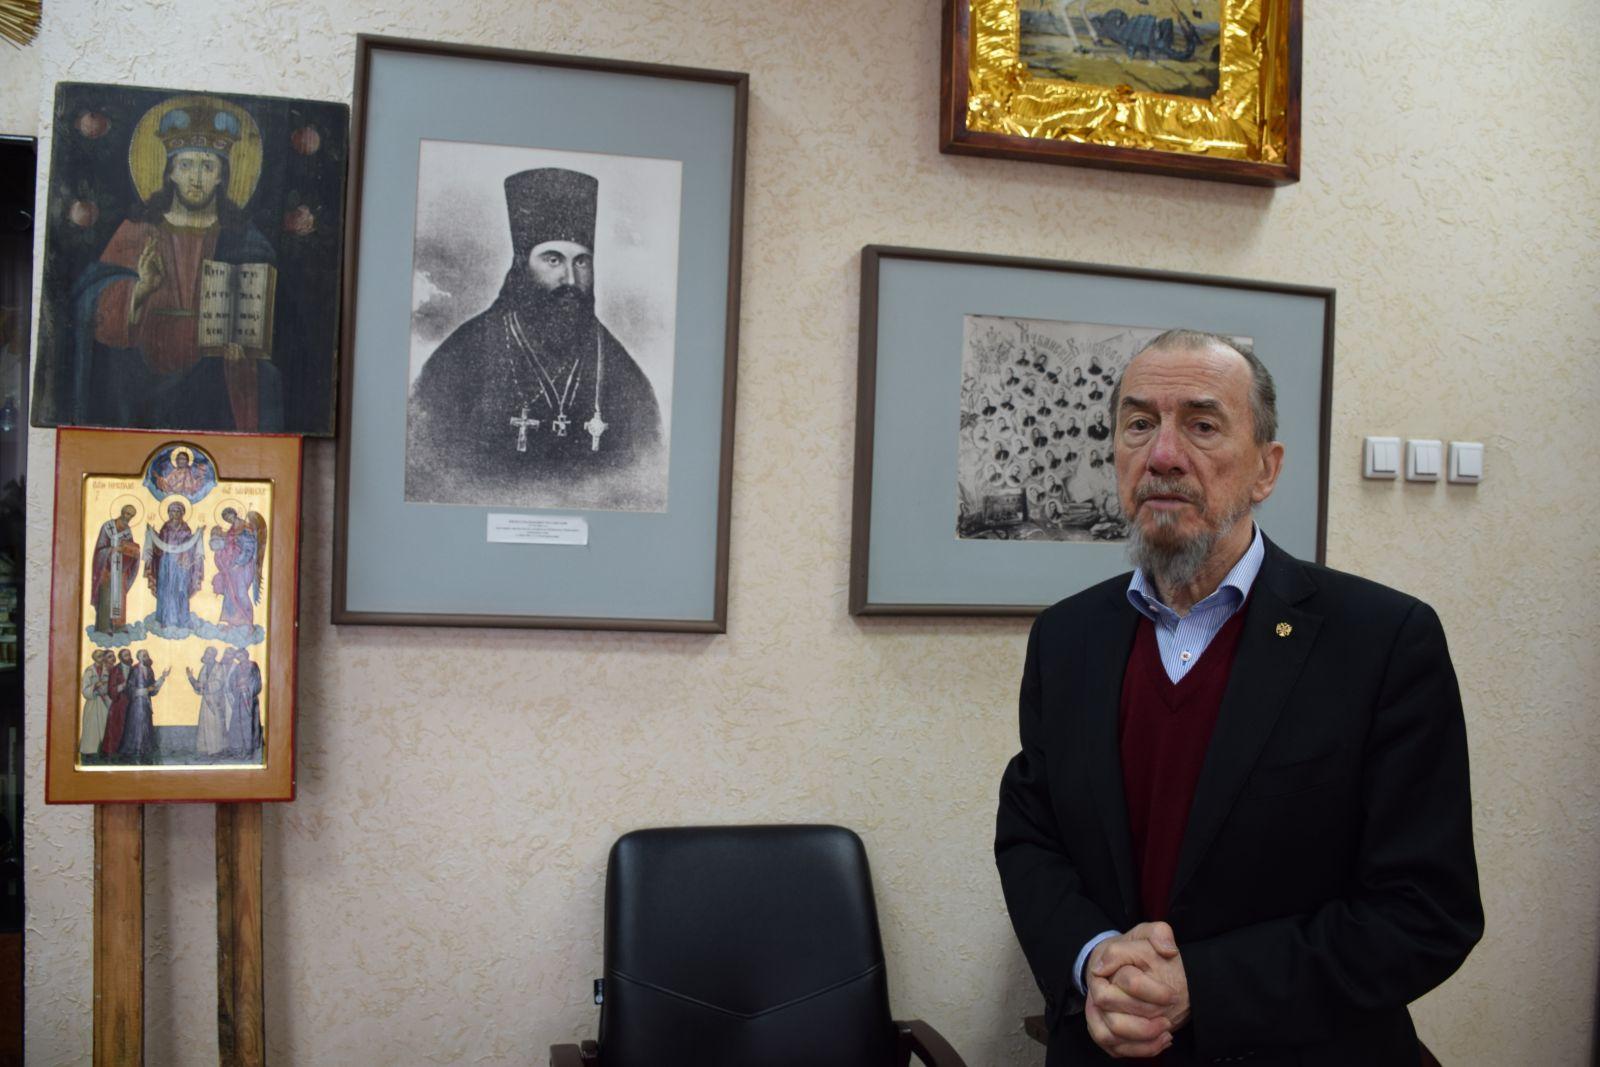 Виктор Захарченко, ръководител на Кубанския казашки хор: Мечтая един ден да пеем в храма заедно с българите